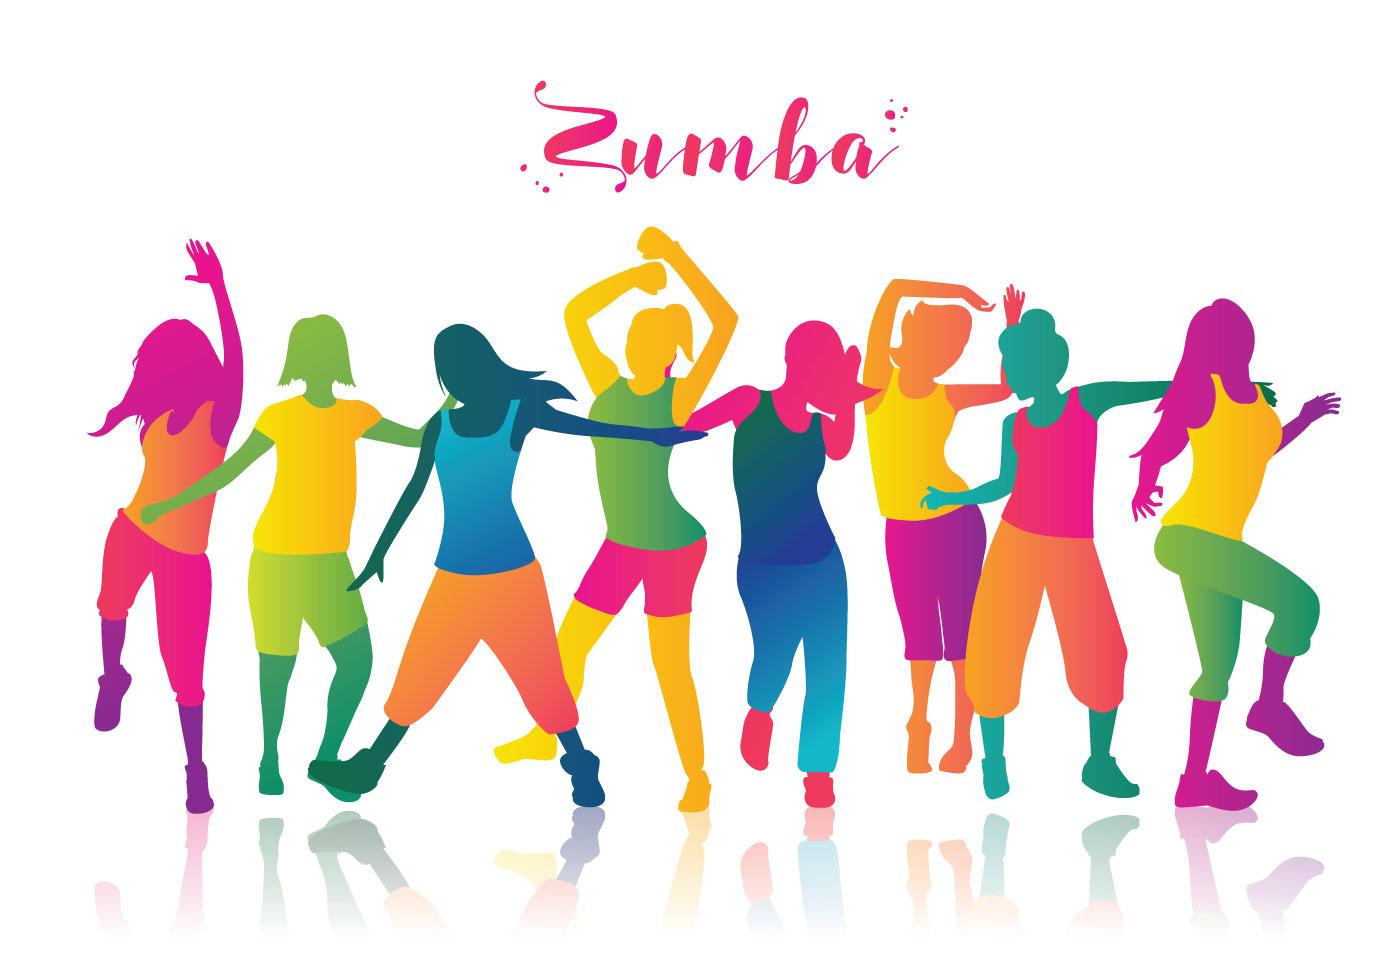 1400x980 Zumba Dance Clip Art Zumba Dance Clip Art Zumba Dance Clip Art